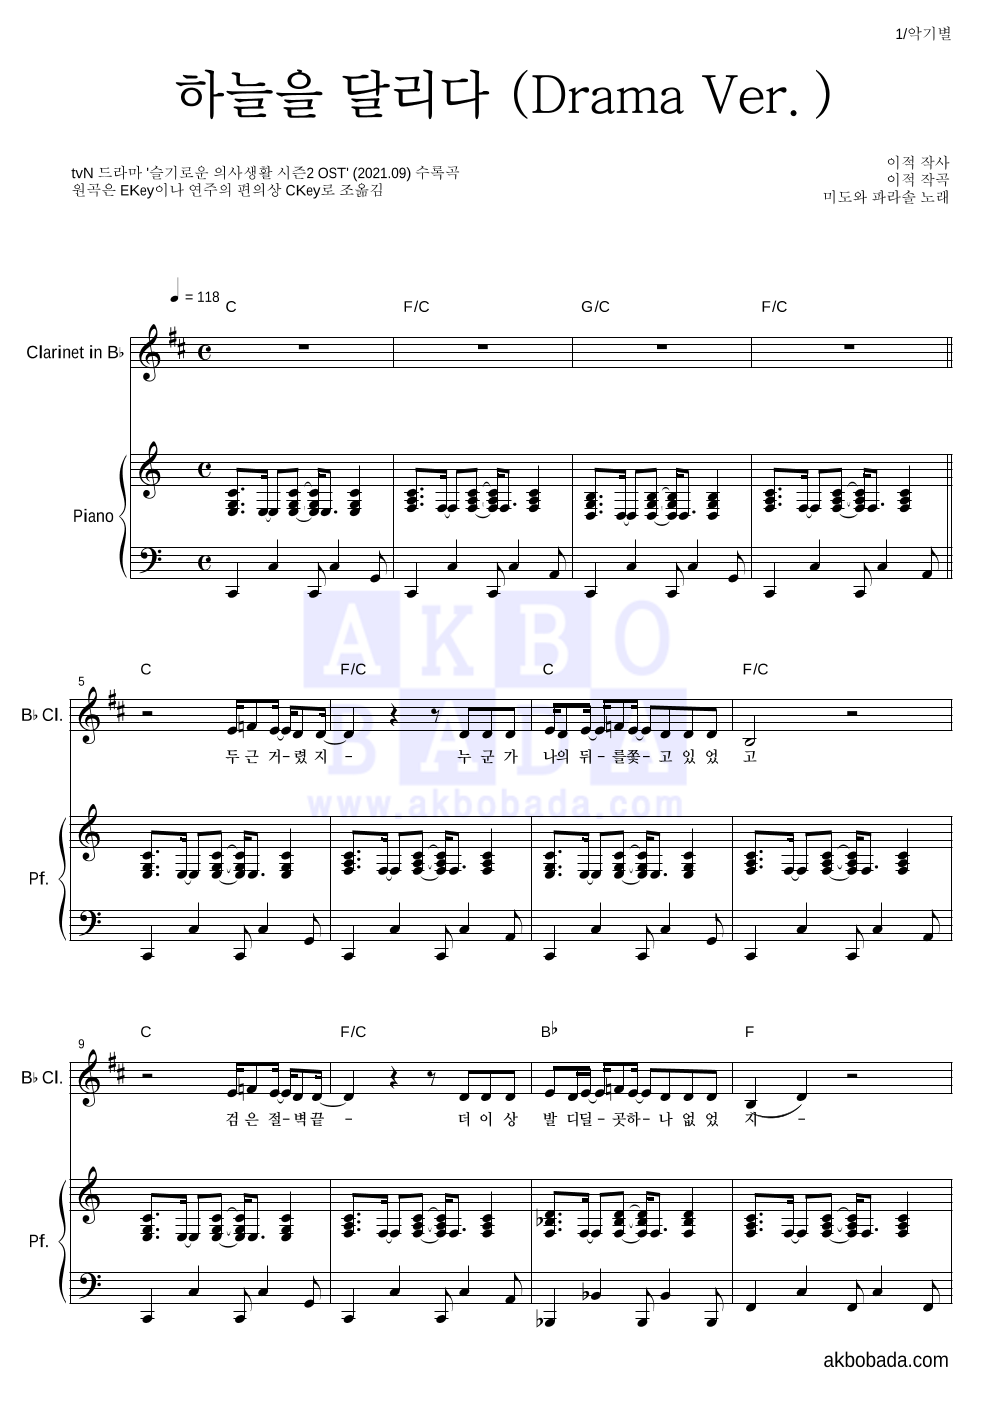 미도와 파라솔 - 하늘을 달리다 (Drama Ver.) 클라리넷&피아노 악보